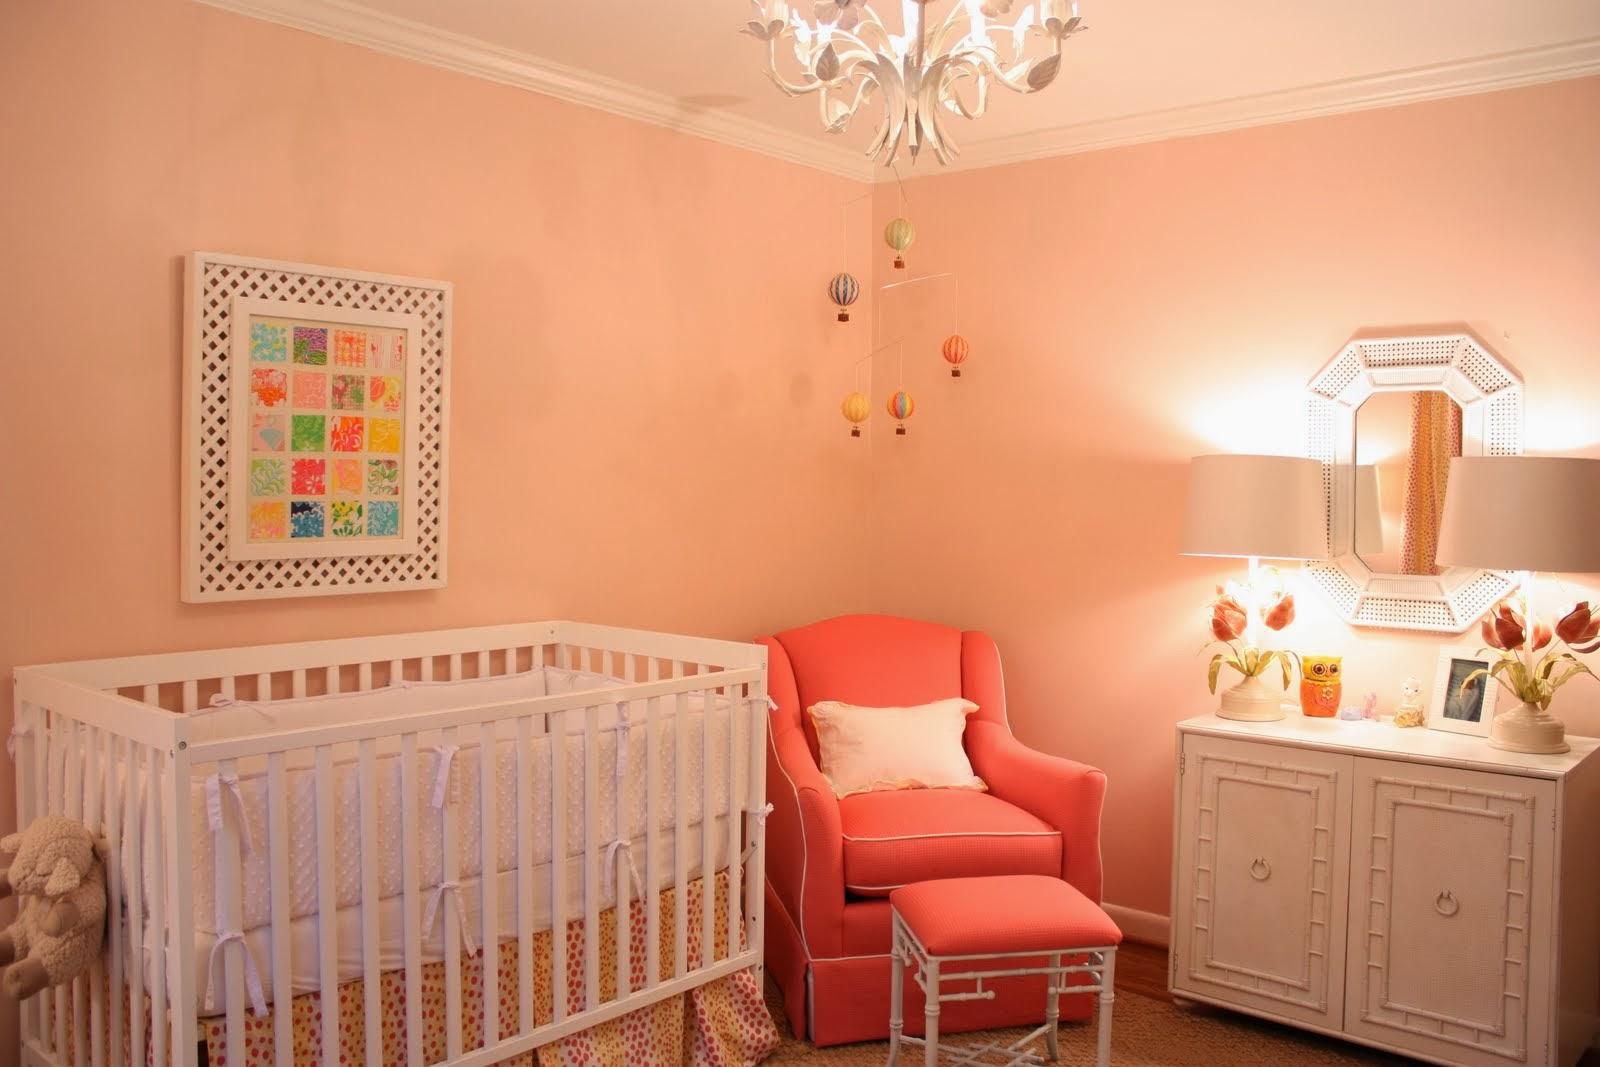 Dormitorio de beb en crema y coral dormitorios colores - Dormitorio de nino ...